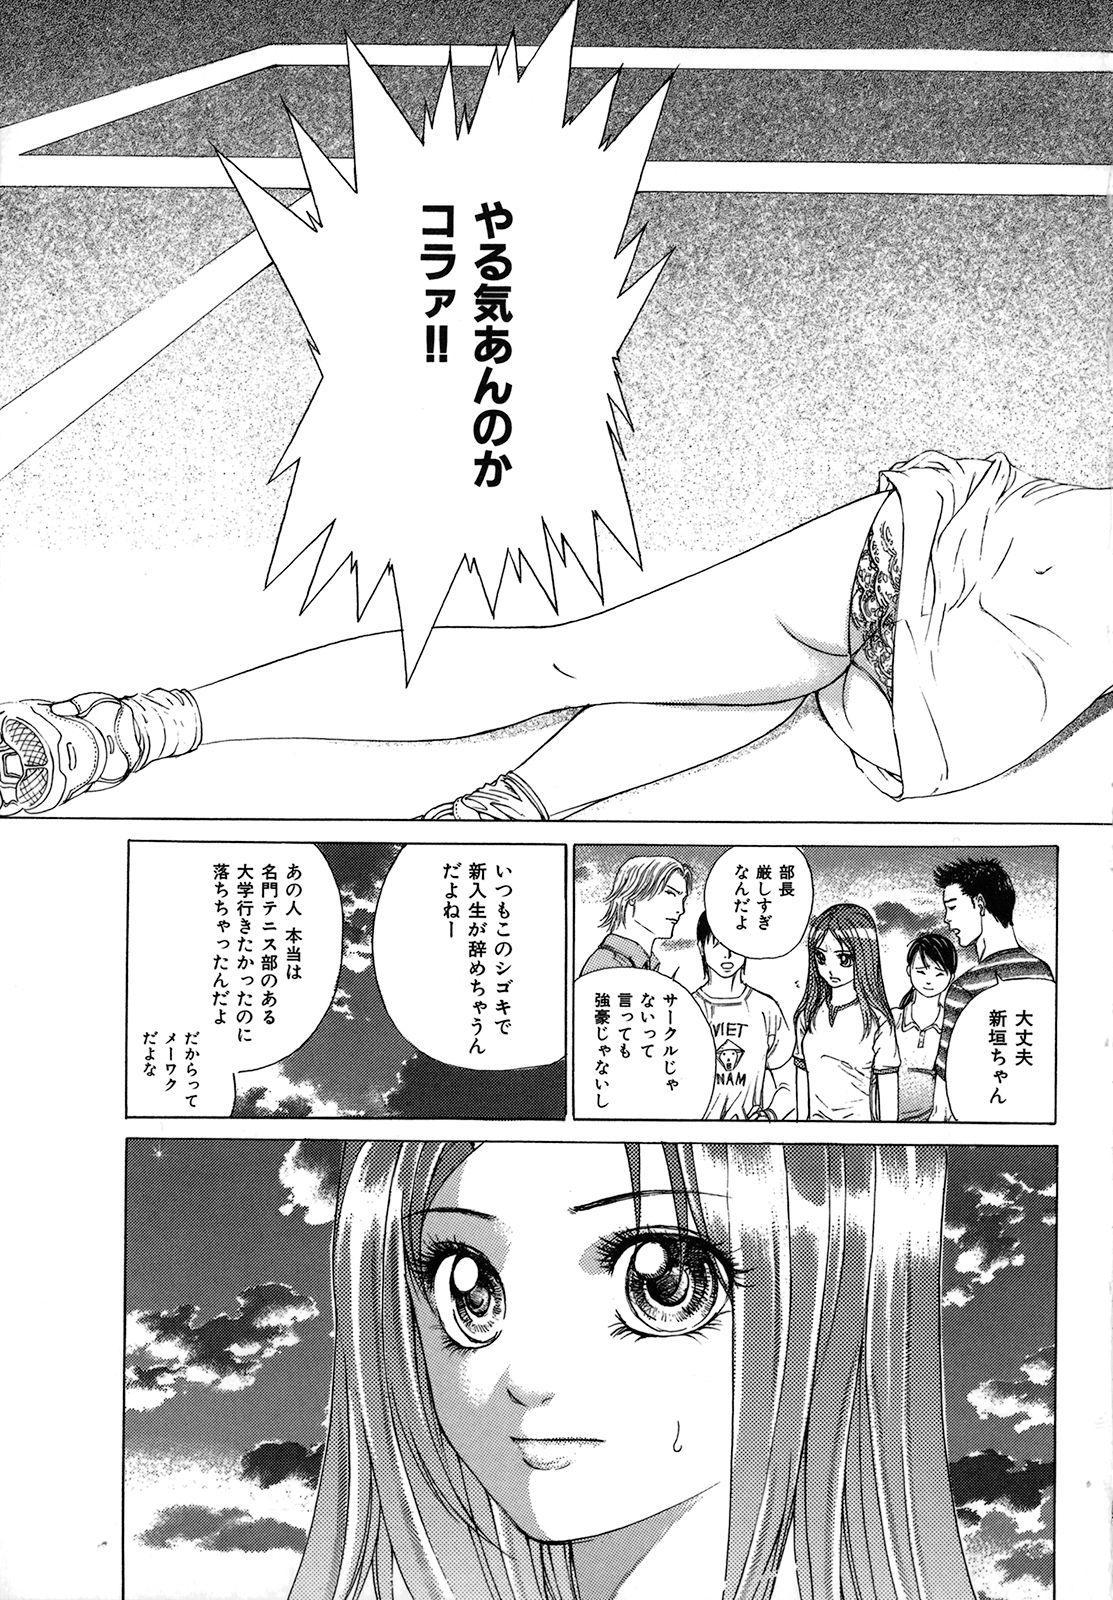 Kou Musume 10